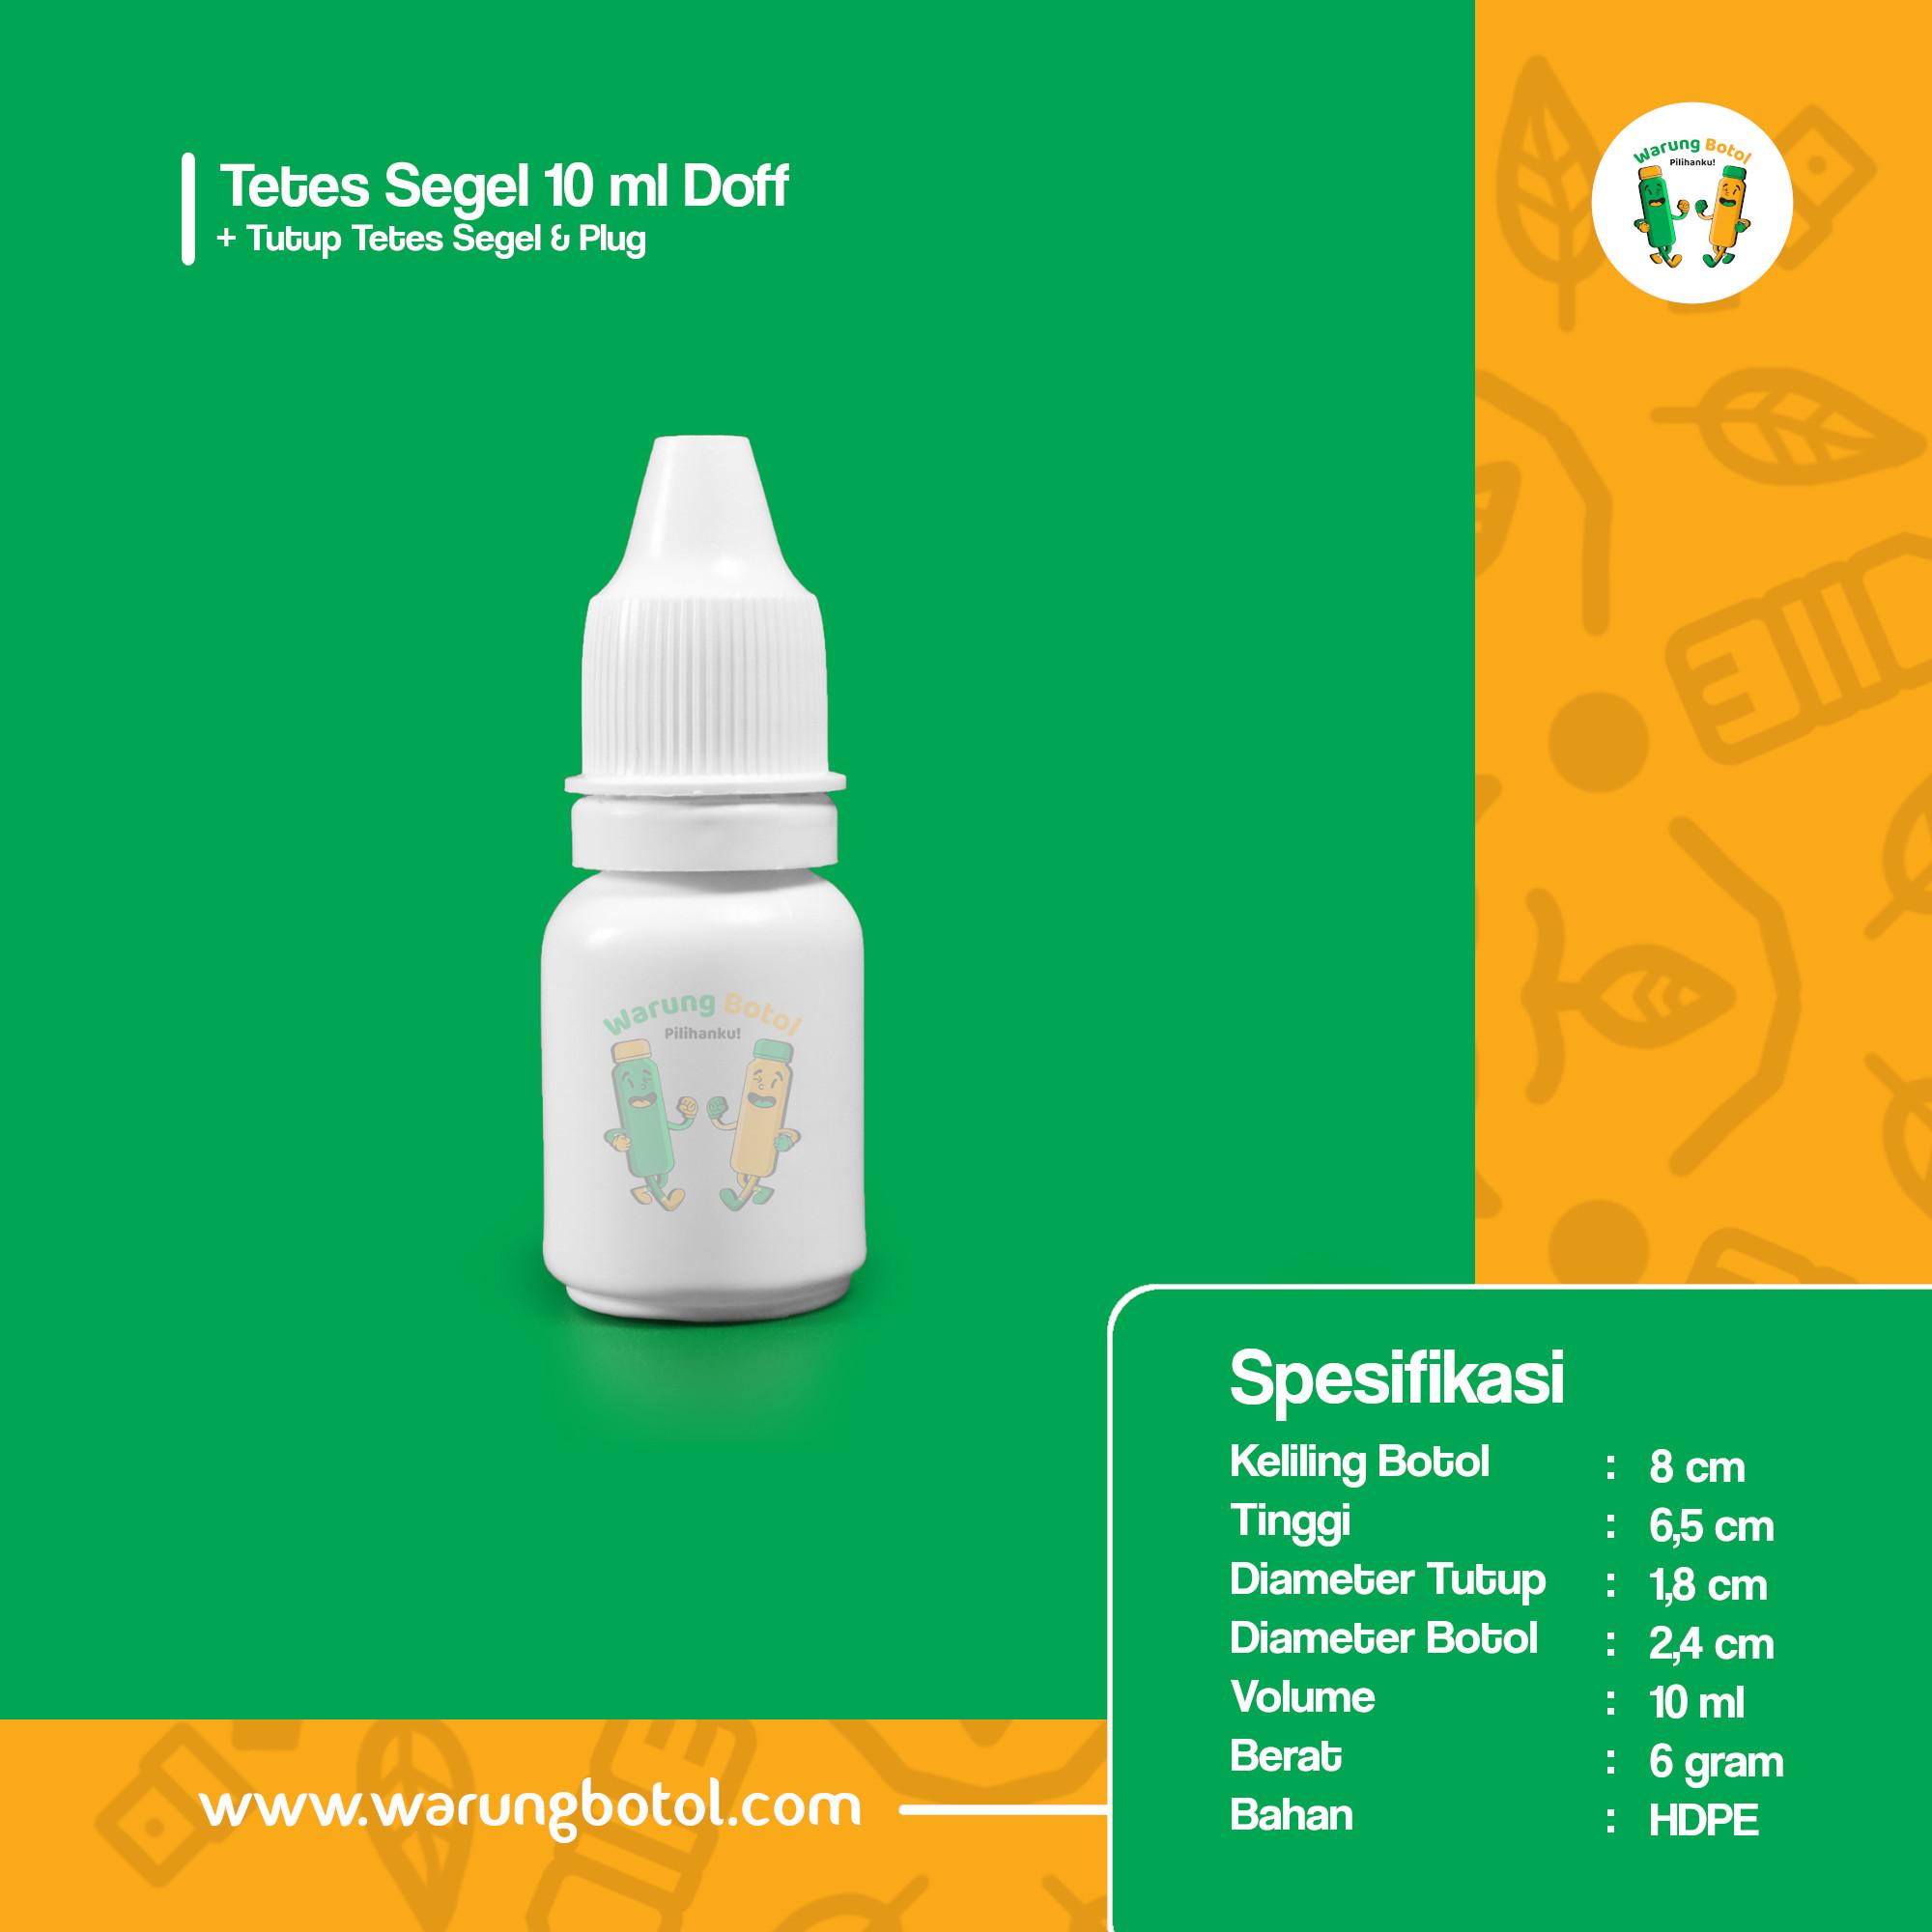 distributor toko jual botol plastik untuk obat kimia tetes 10ml putih HDPE murah terdekat di bandung jakarta bogor bekasi